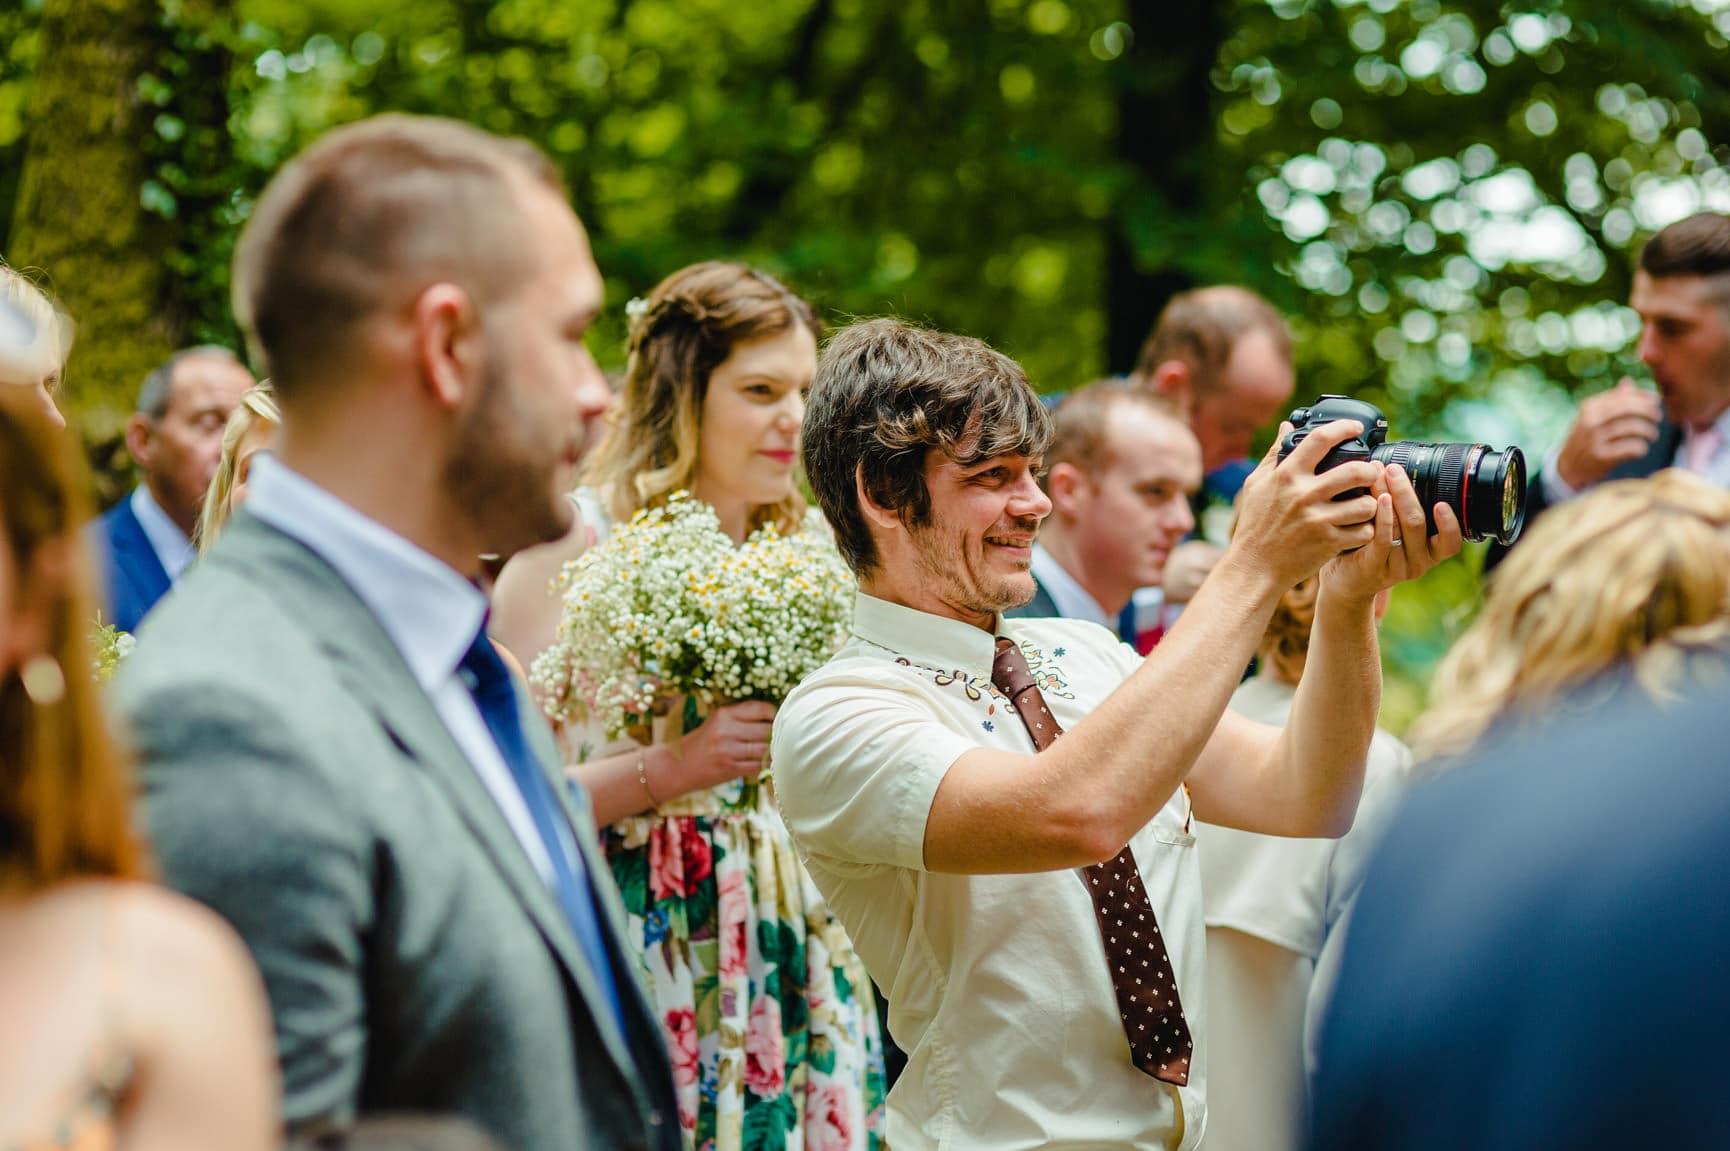 Fforest Wedding, Cardigan, Wales - Lauren and Gareth 86